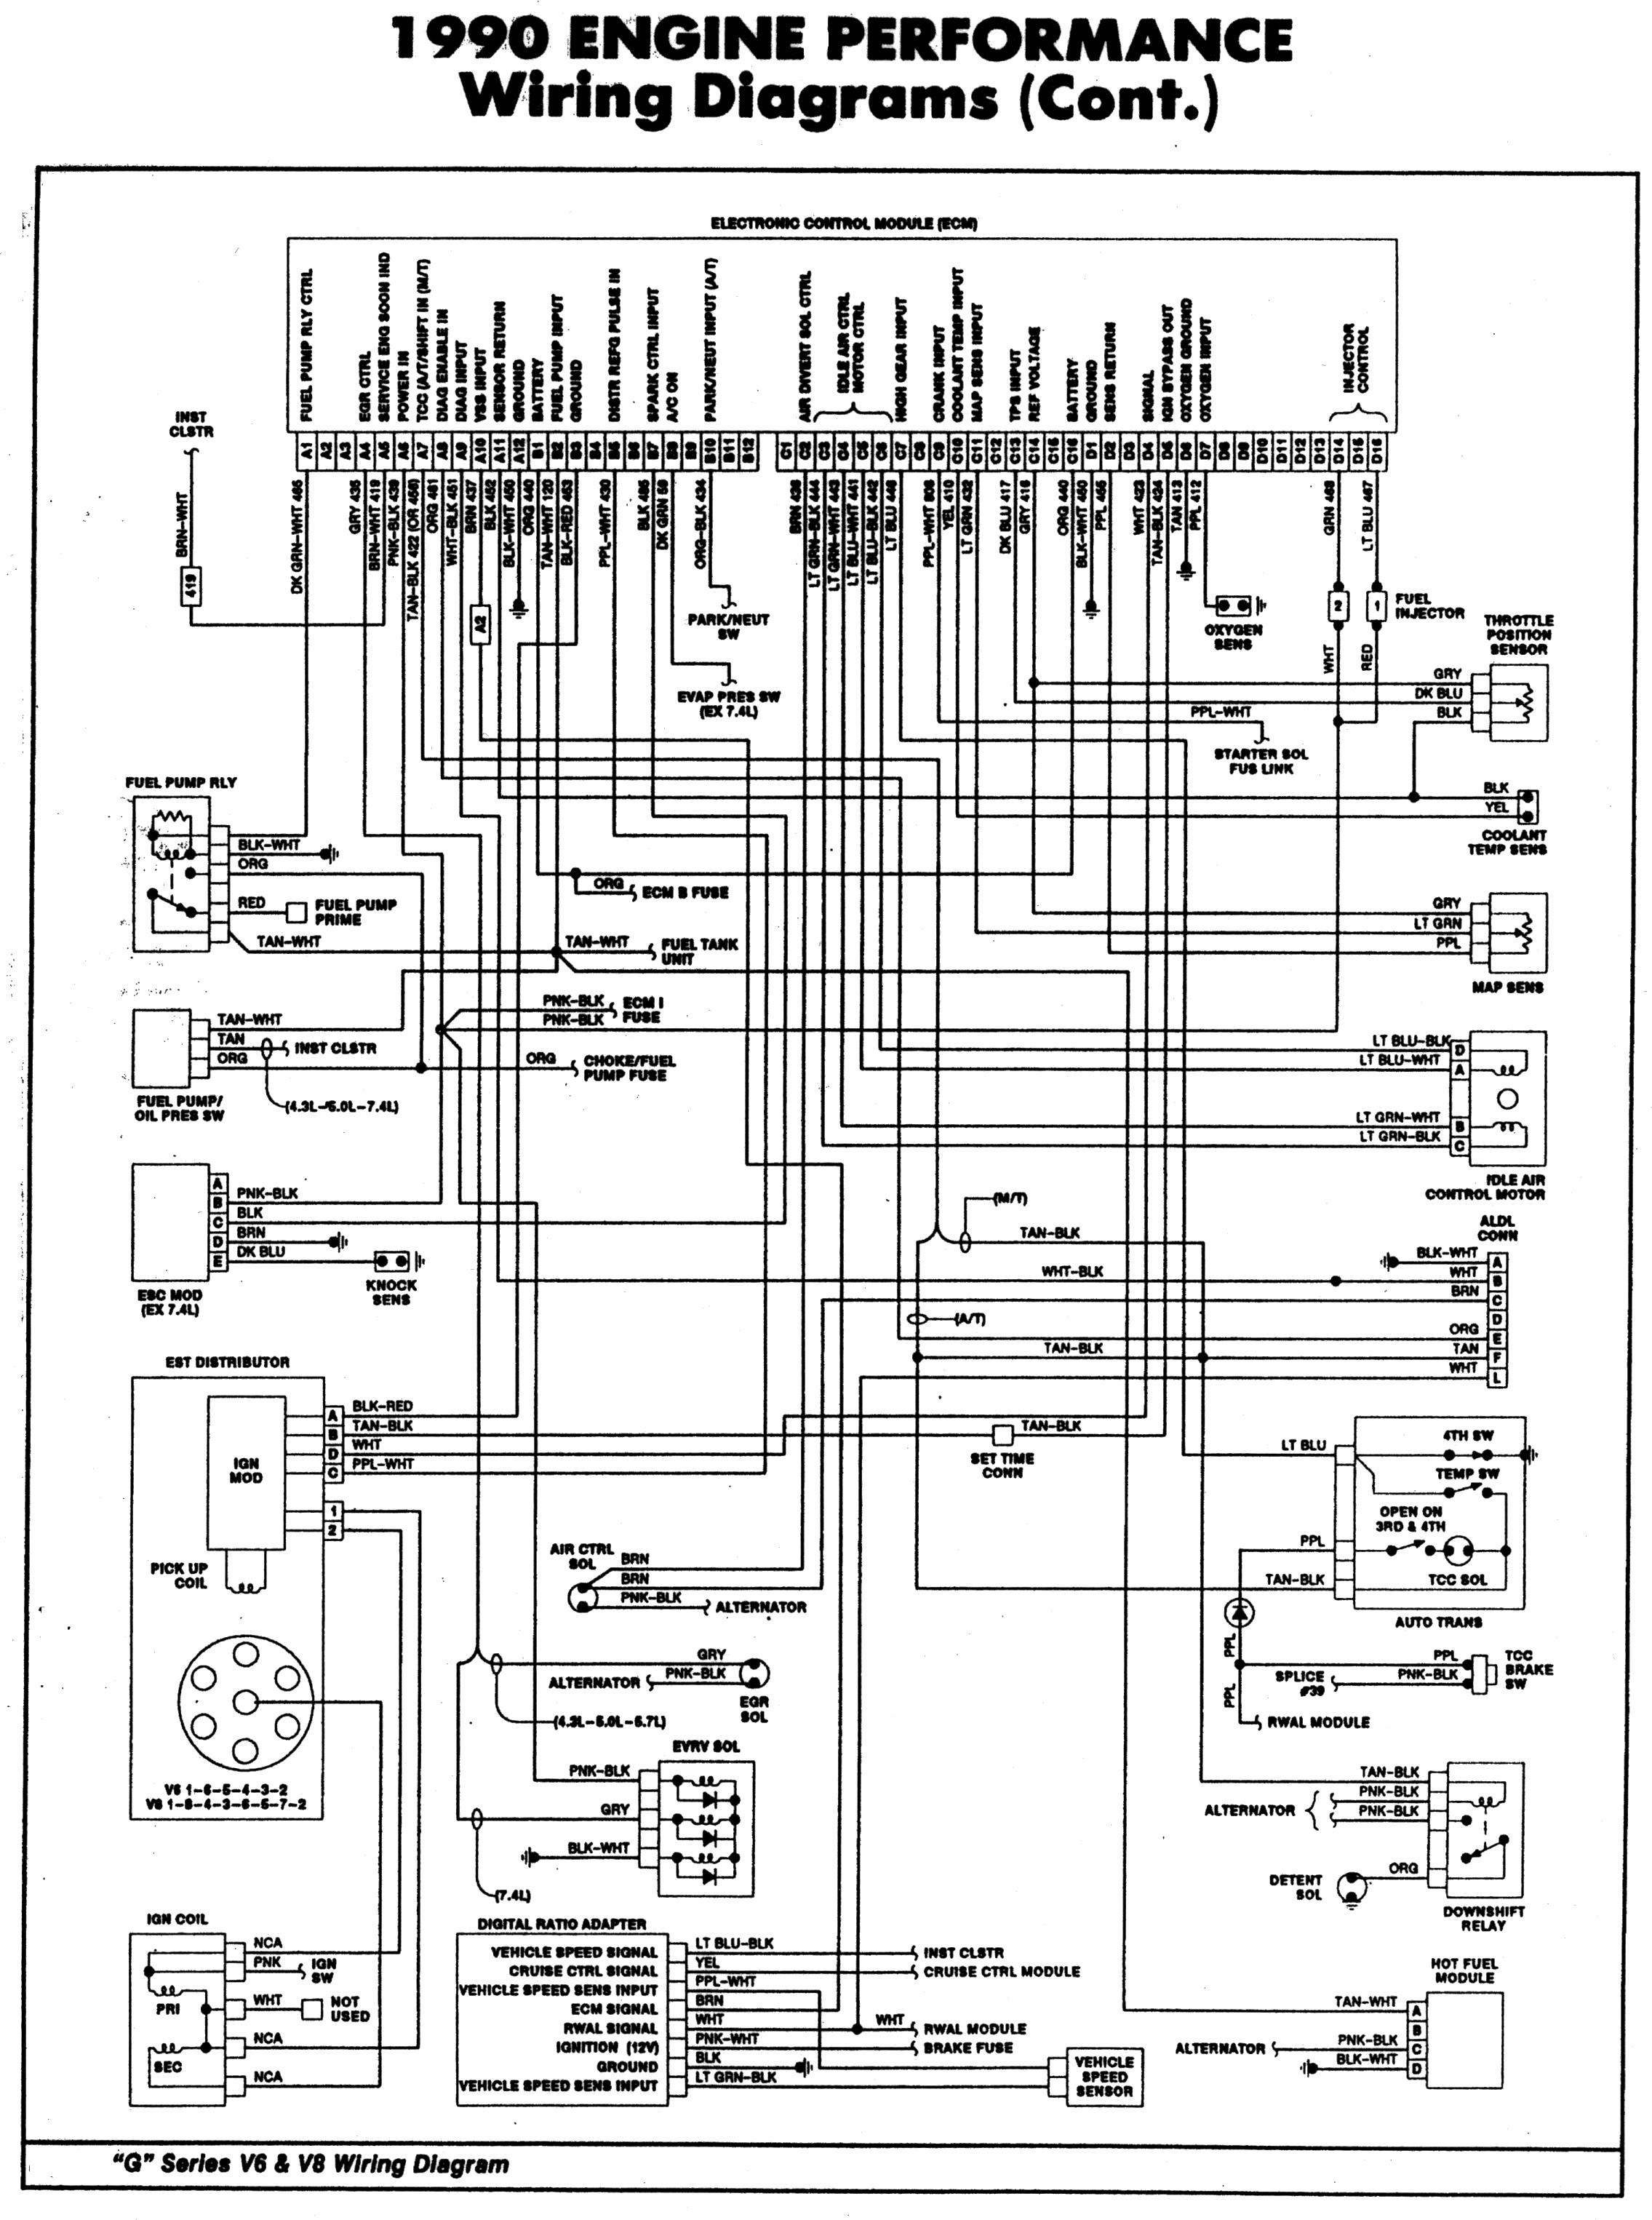 Strange 1992 S10 Wiring Diagram Wiring Diagram Wiring Cloud Cranvenetmohammedshrineorg